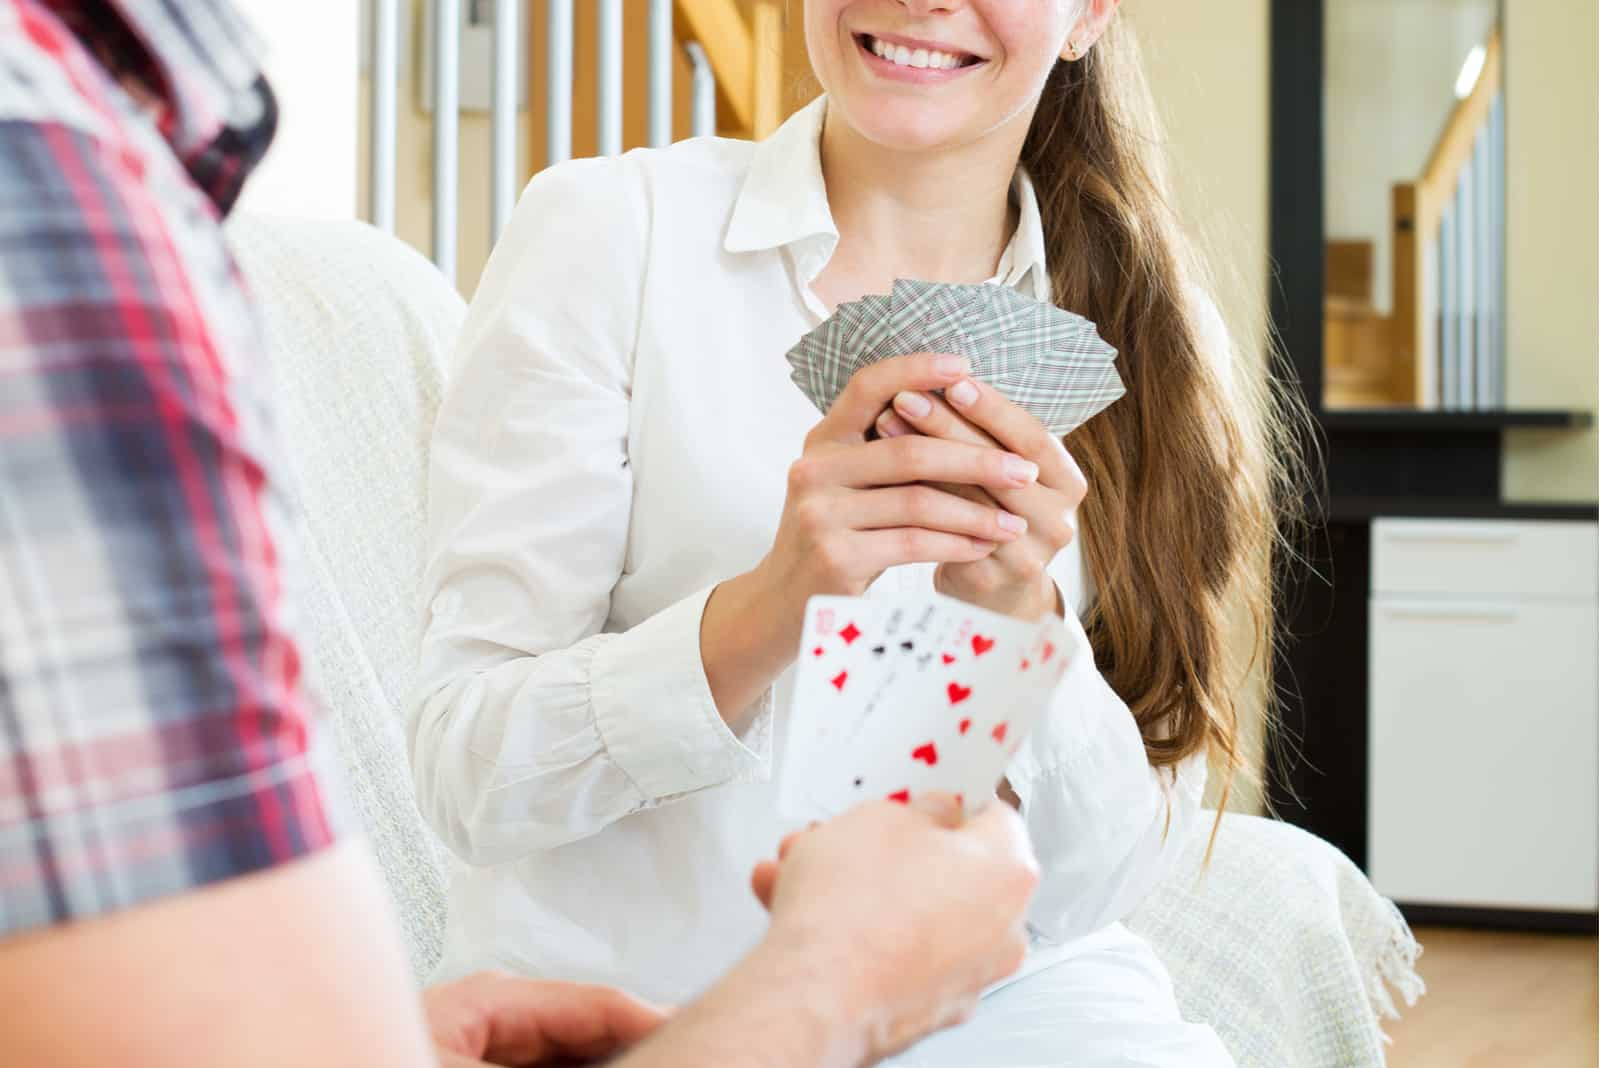 la femme tient les cartes dans sa main et rit